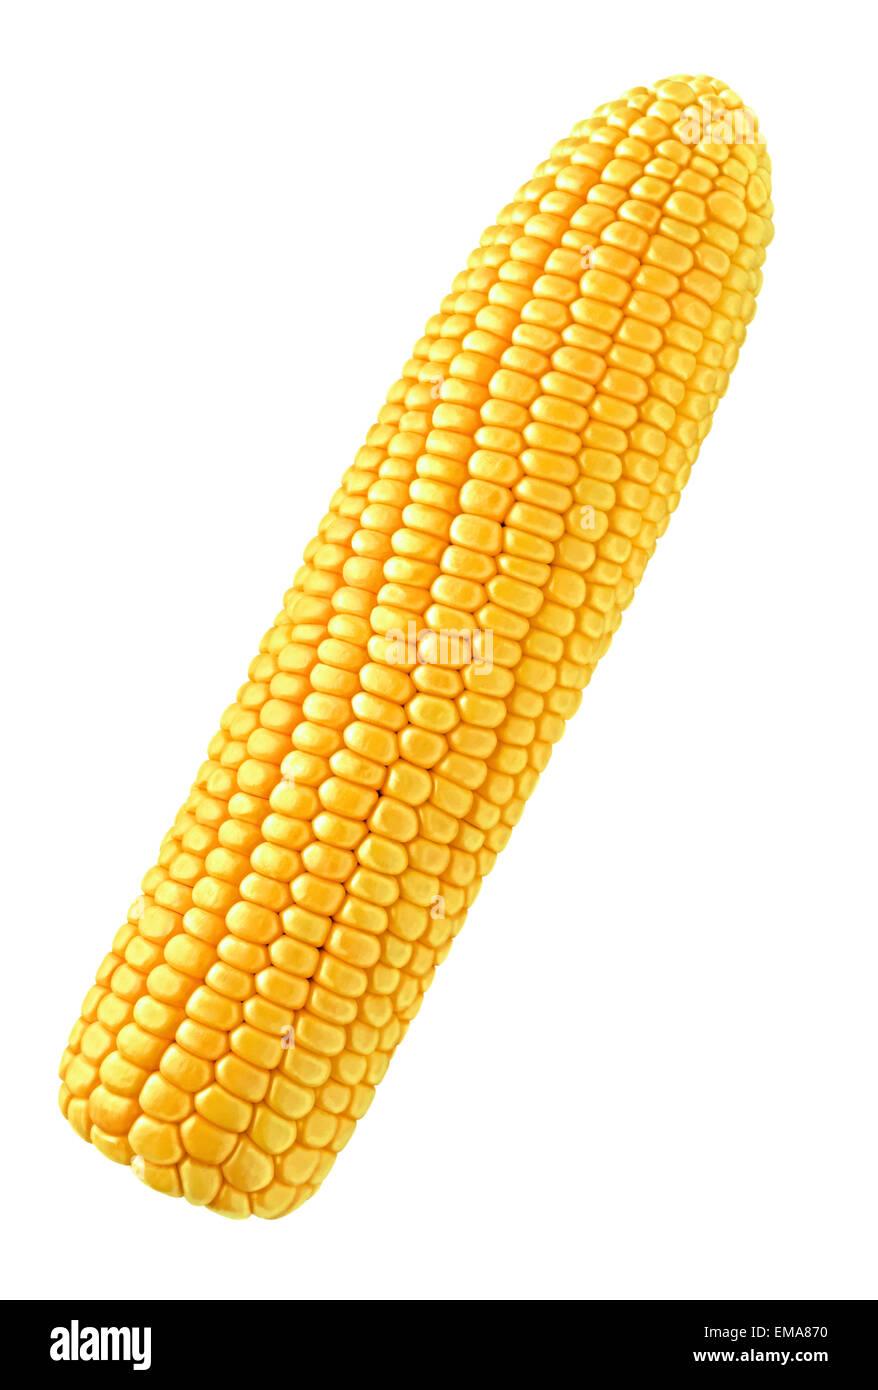 Single corn isolated on white background Stock Photo